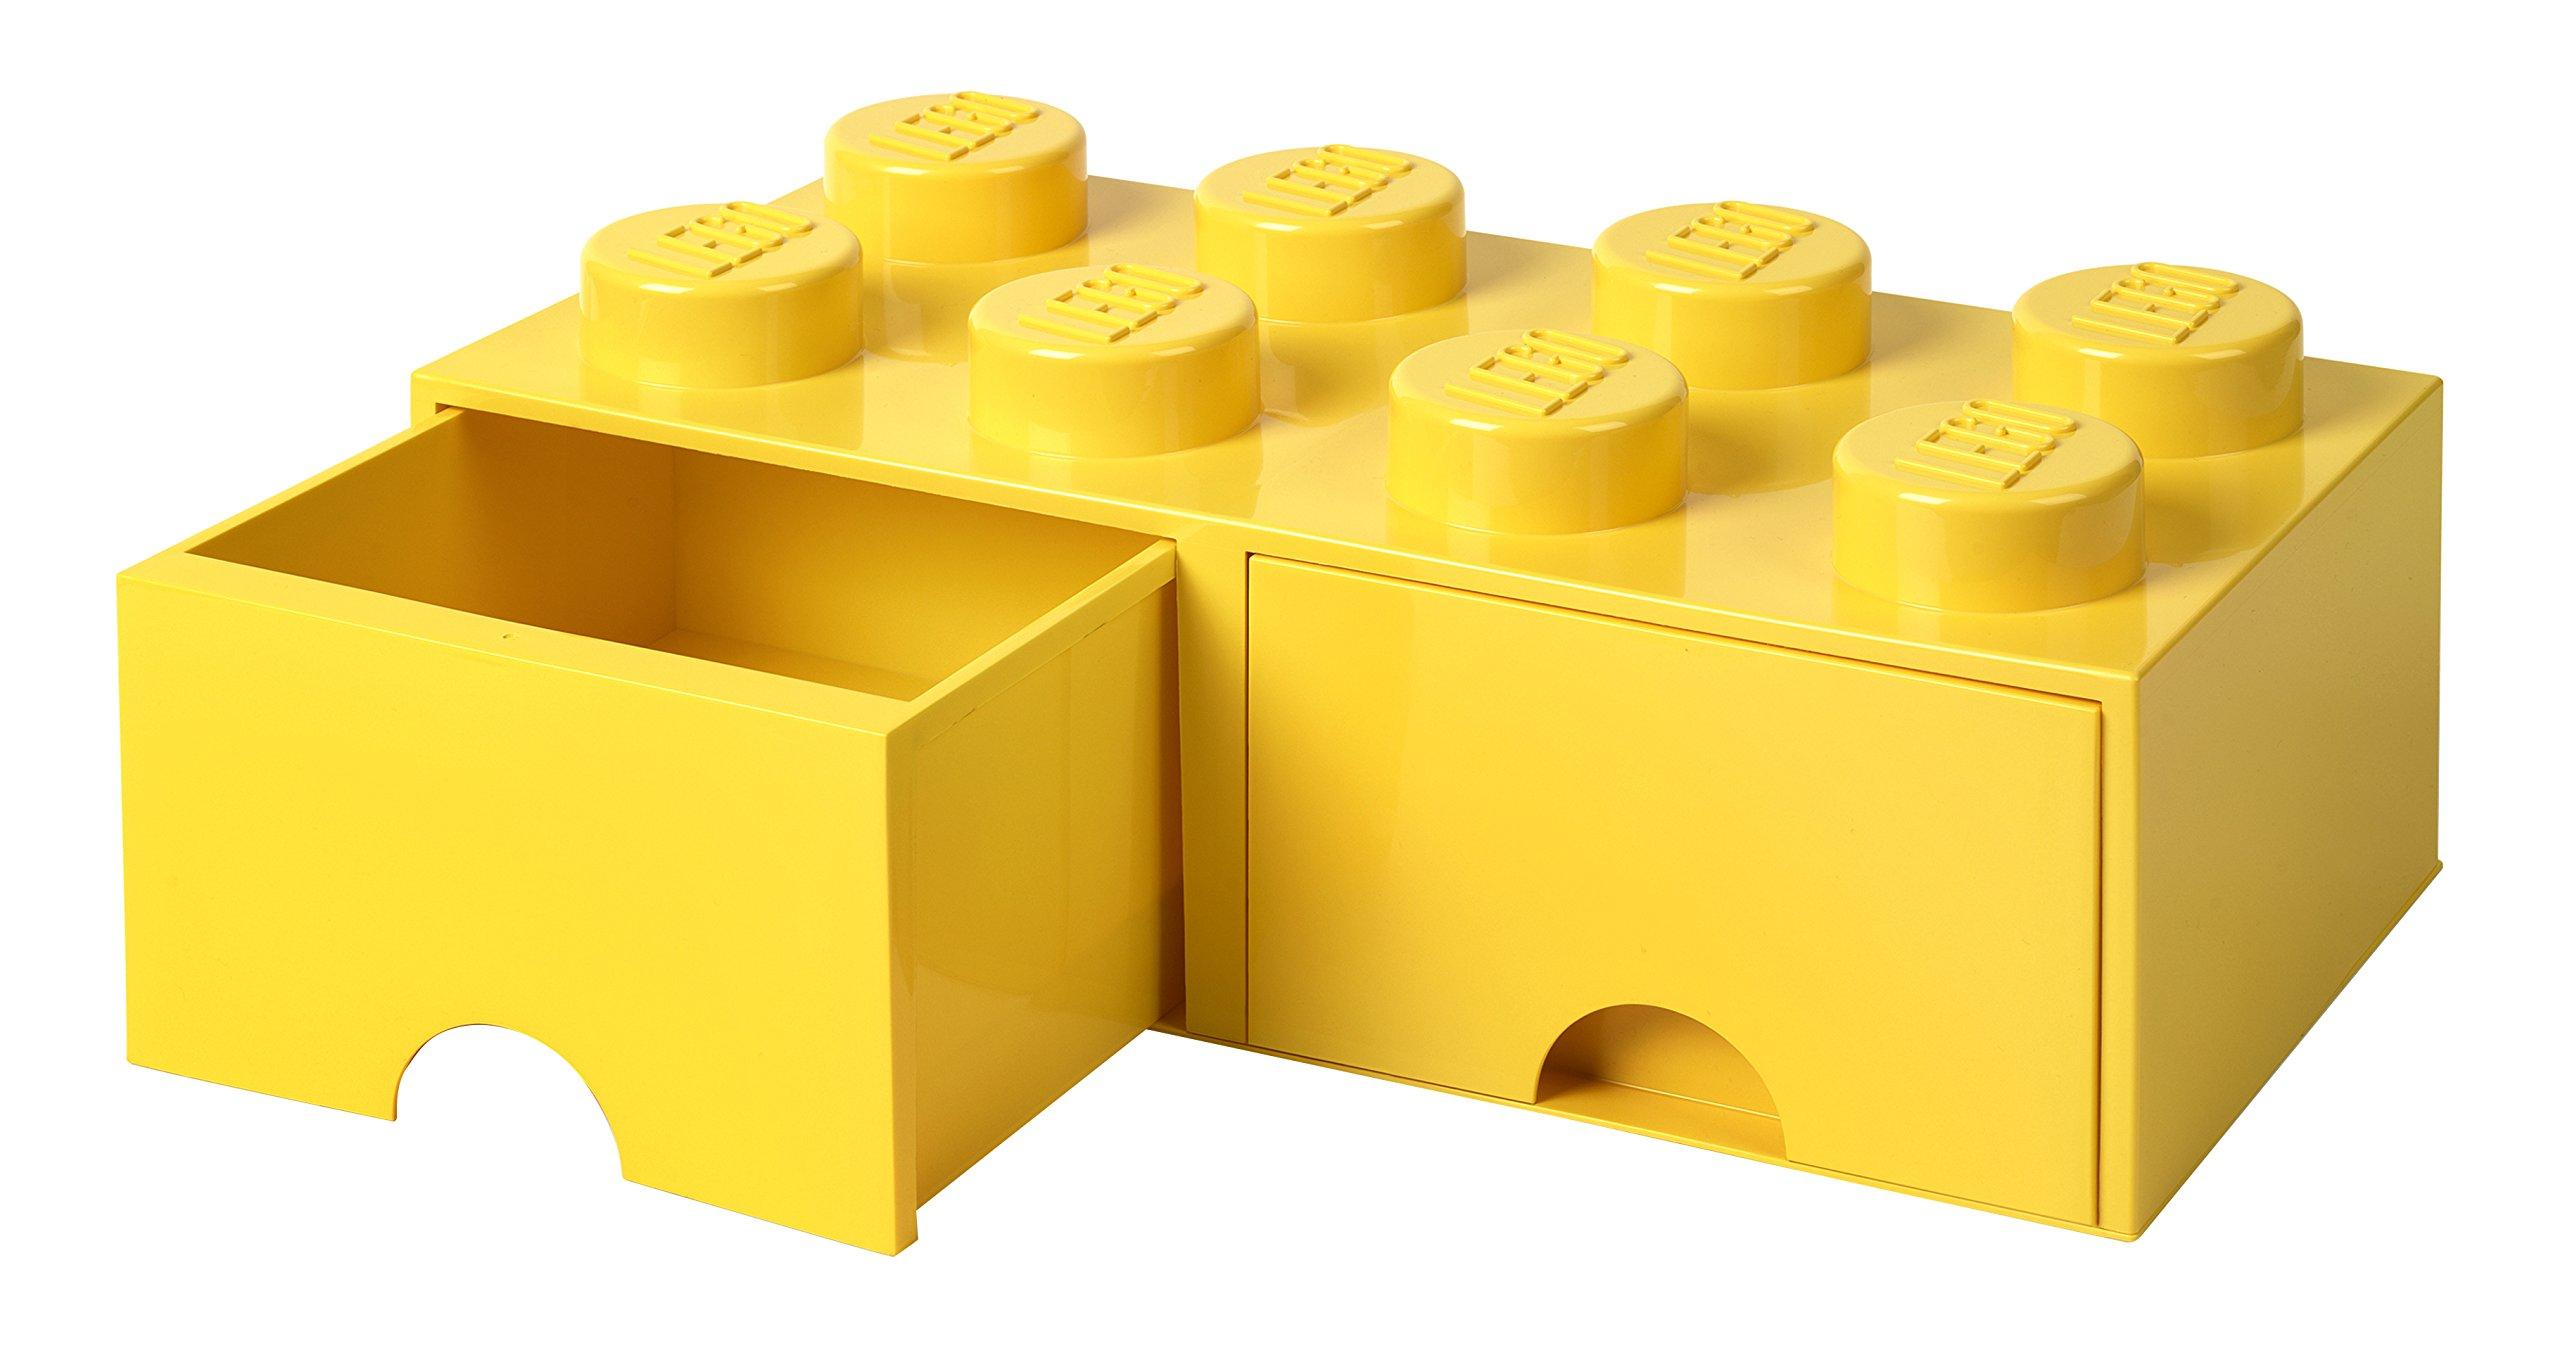 LEGO Brick Drawer 8 Knobs 2 Drawers Stackable Storage Box 9.4 L  sc 1 st  Amazon UK & LEGO Storage Drawers: Amazon.co.uk